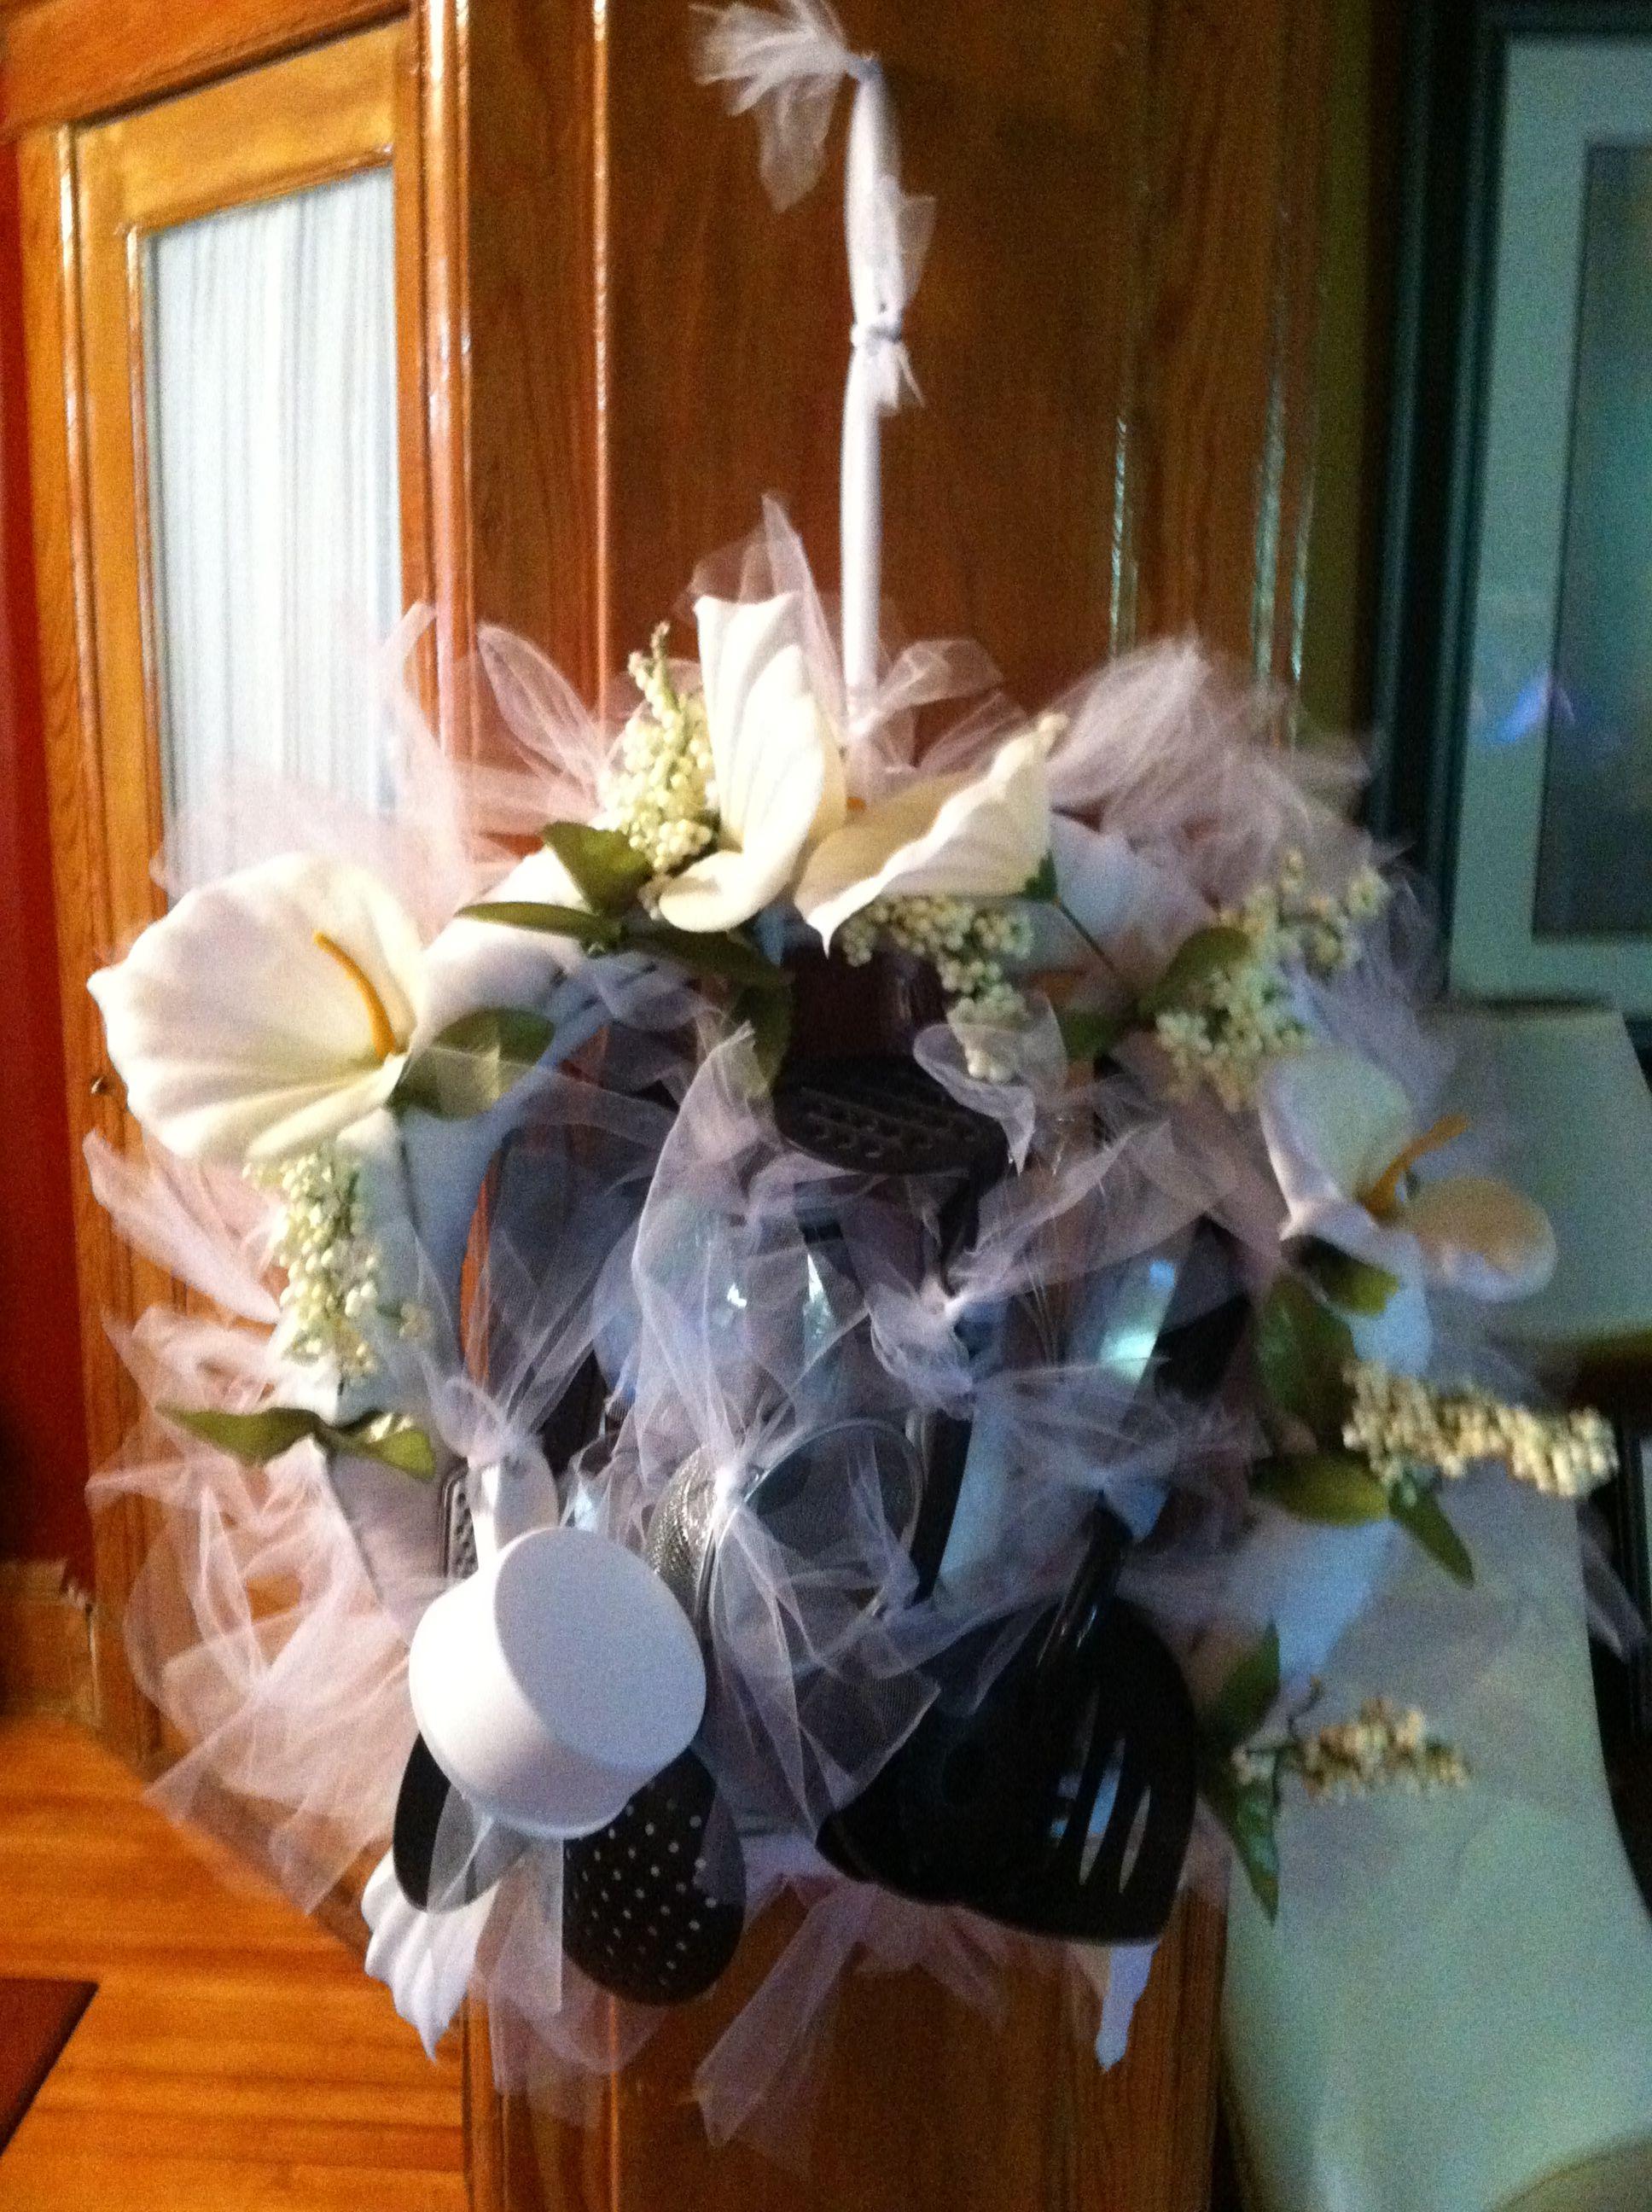 Wedding Gift WreathKitchen Utensils. ADDled Adventures